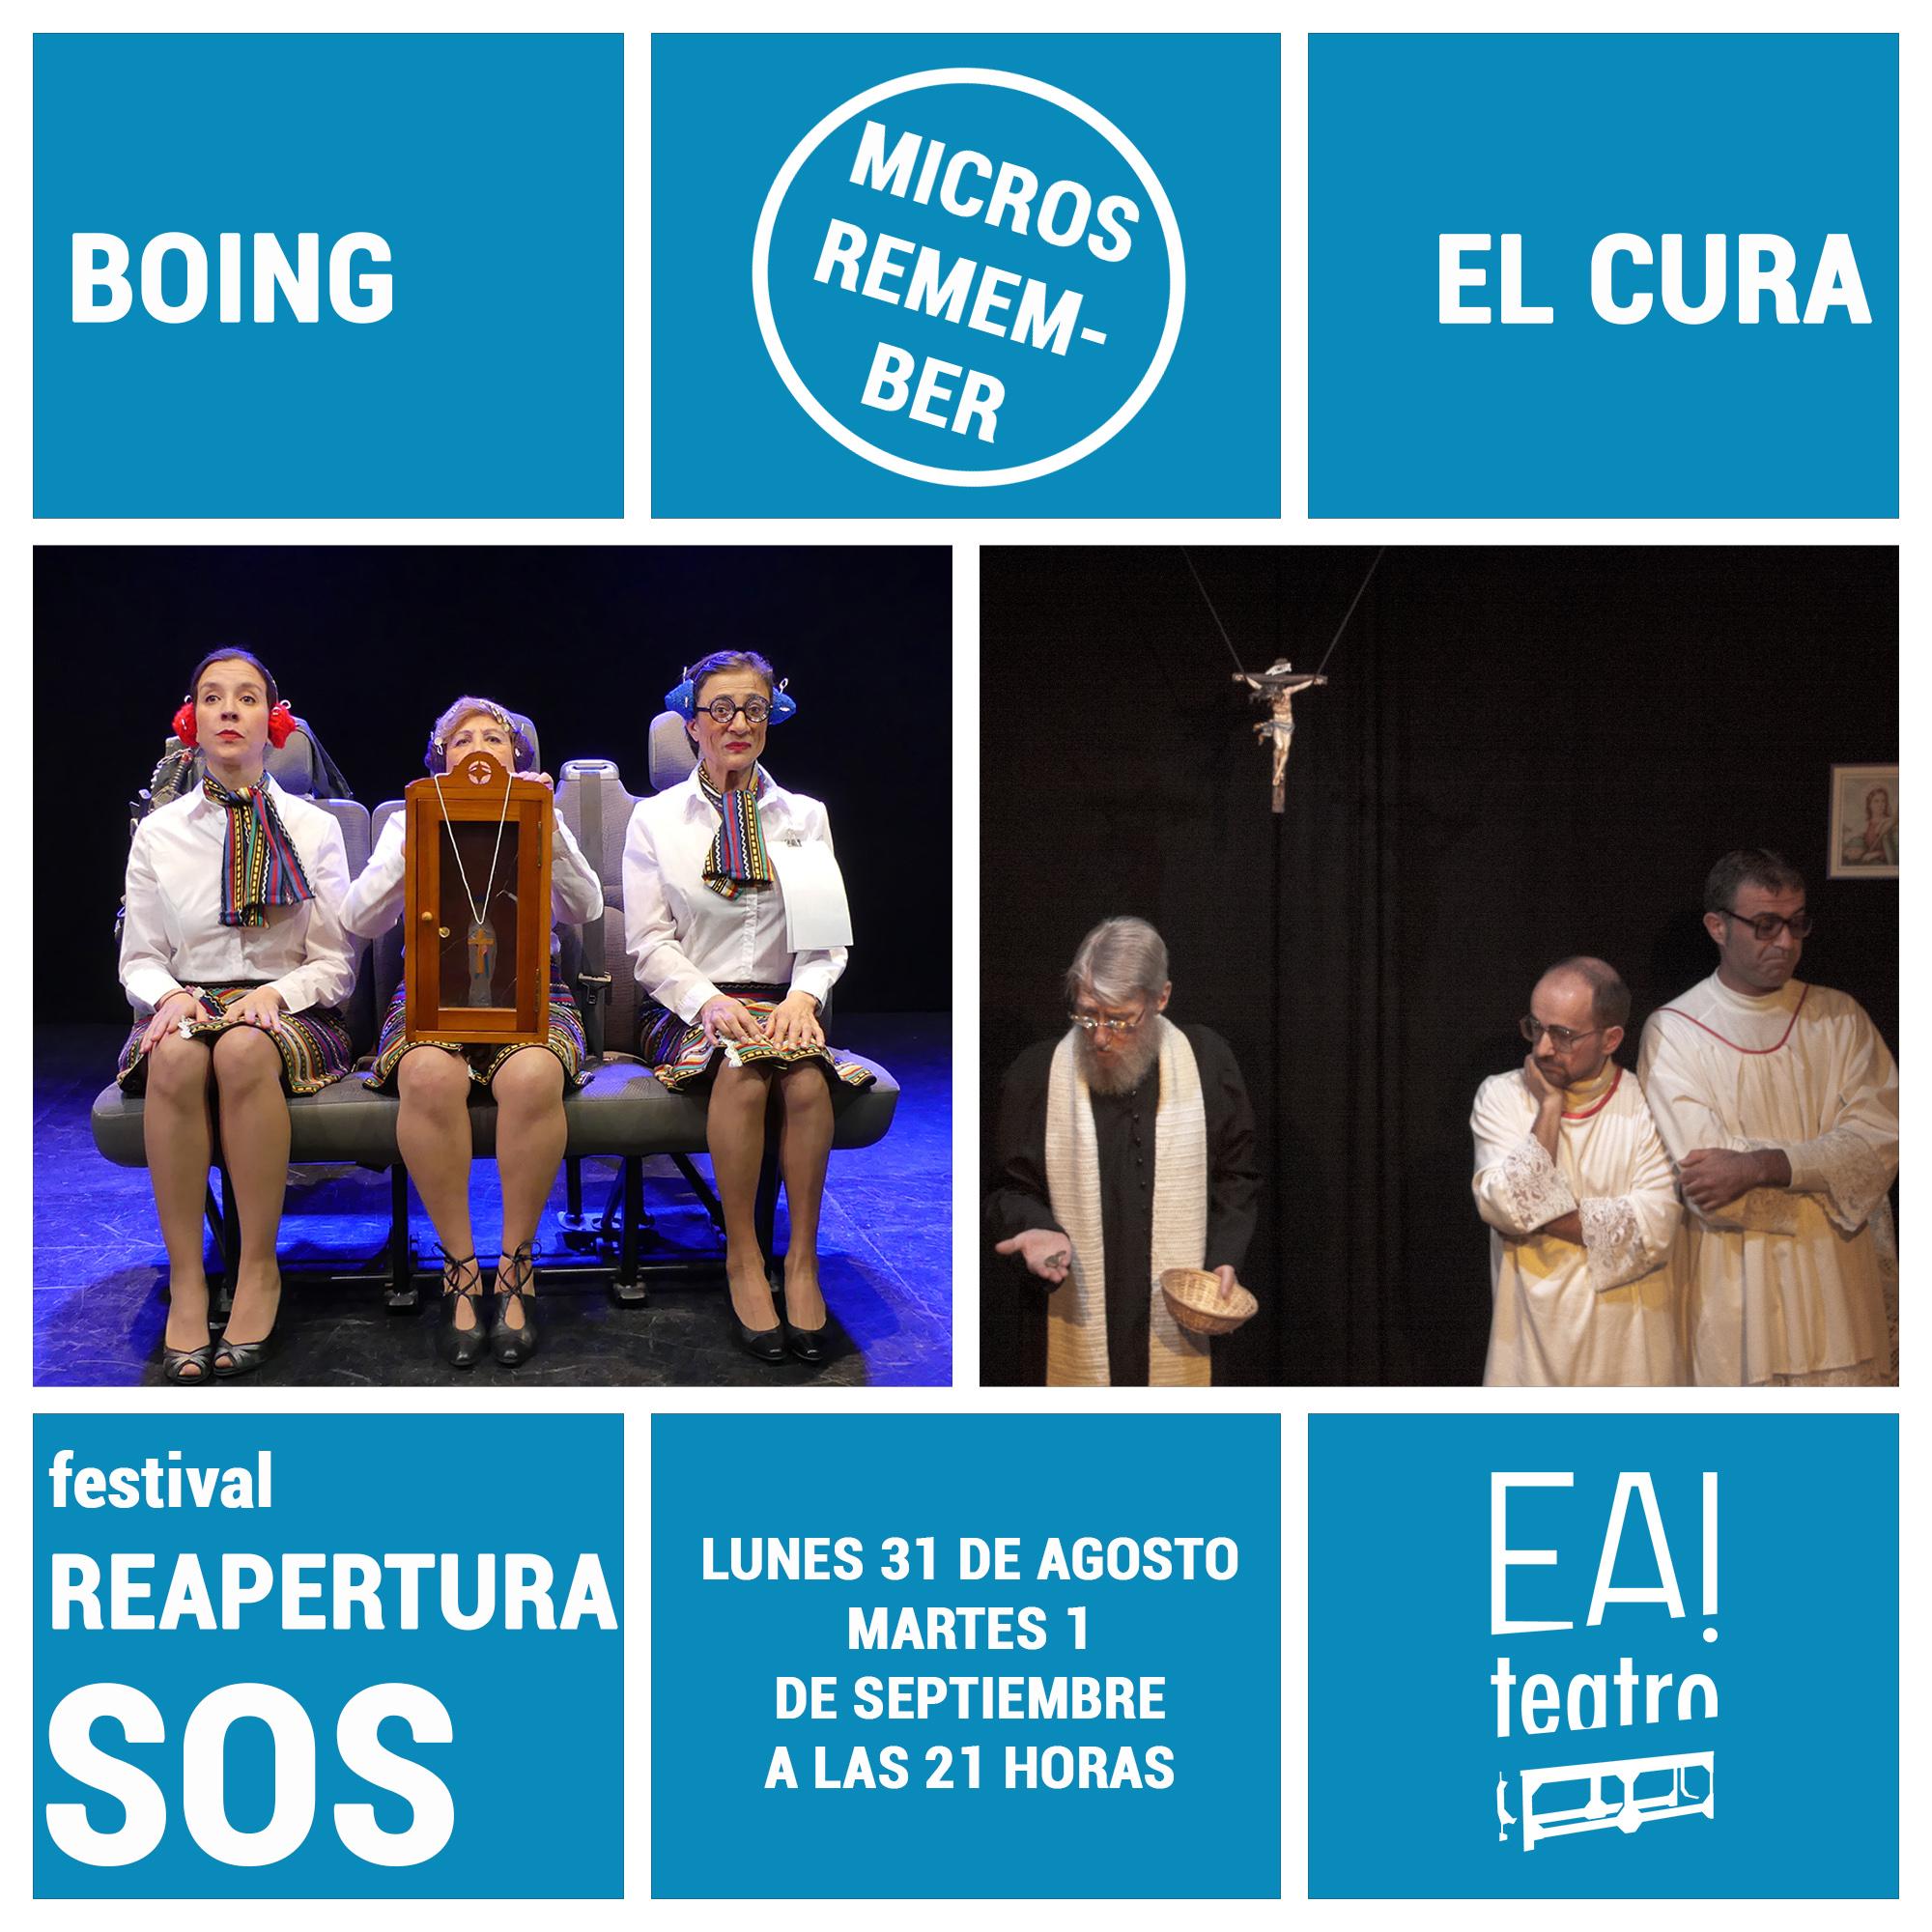 MICROS REMEMBER: «BOING» Y «EL CURA»